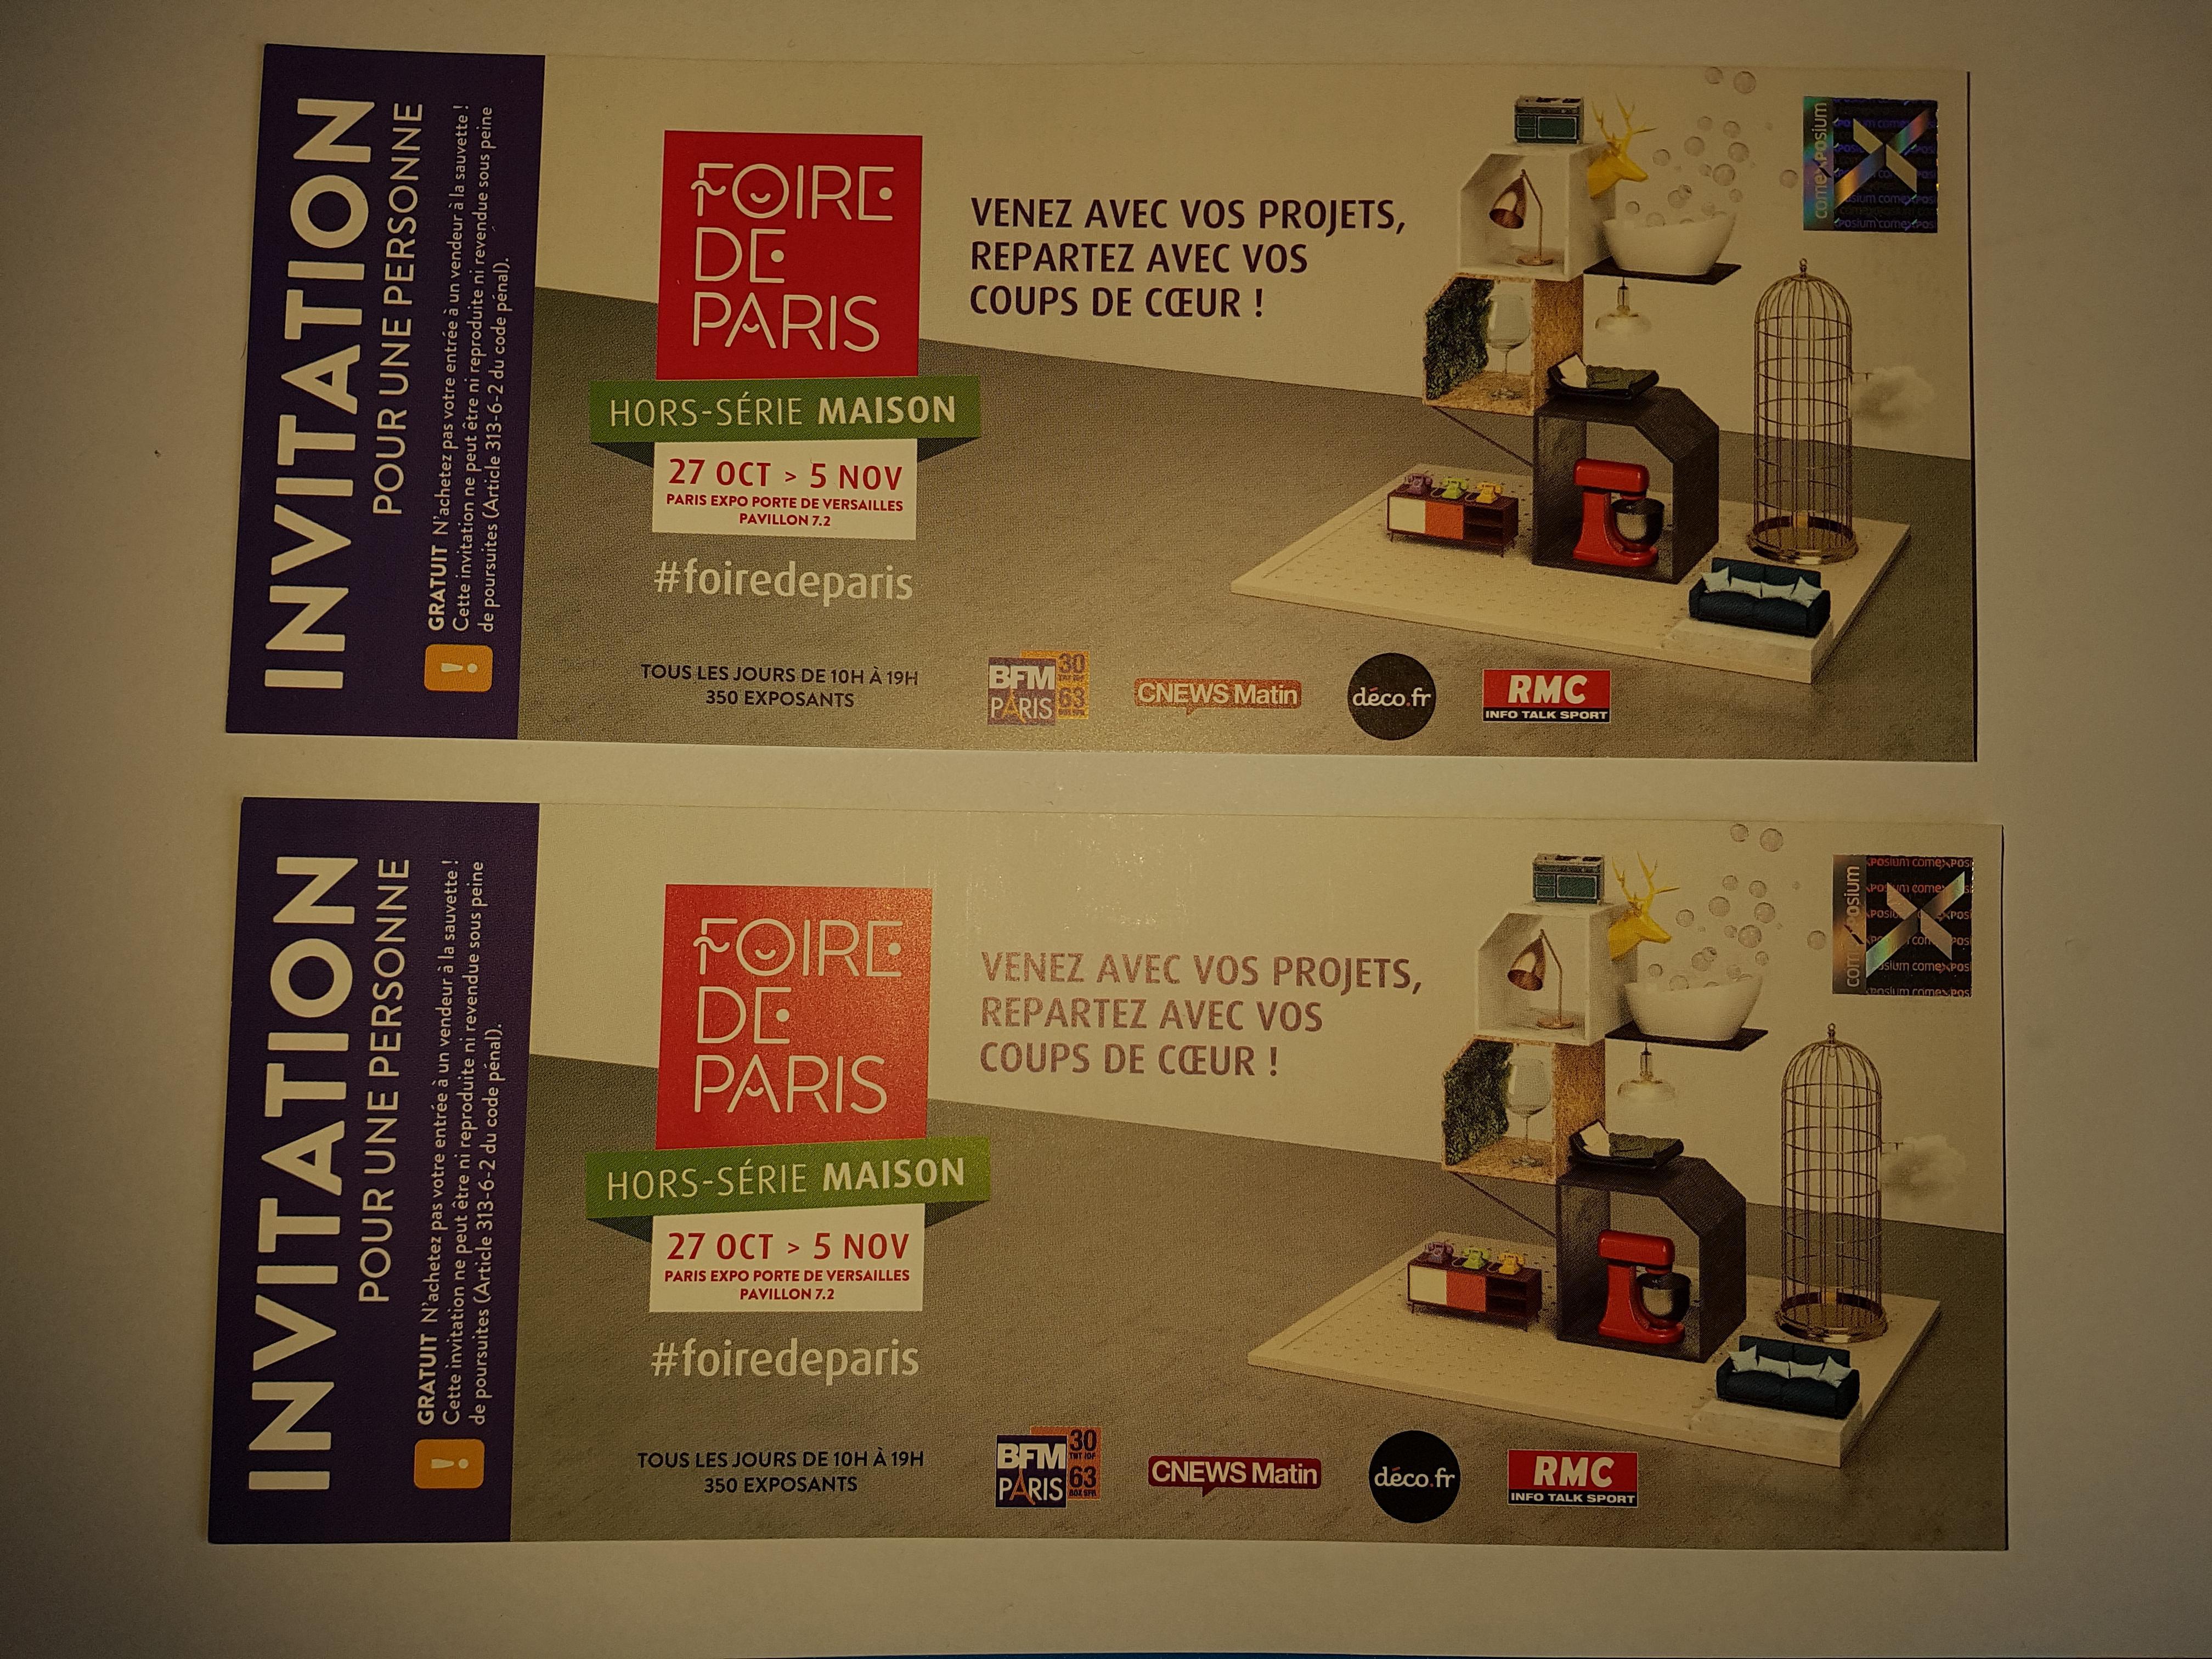 troc de troc tickets pour la foire de paris (hors série : maison) image 0